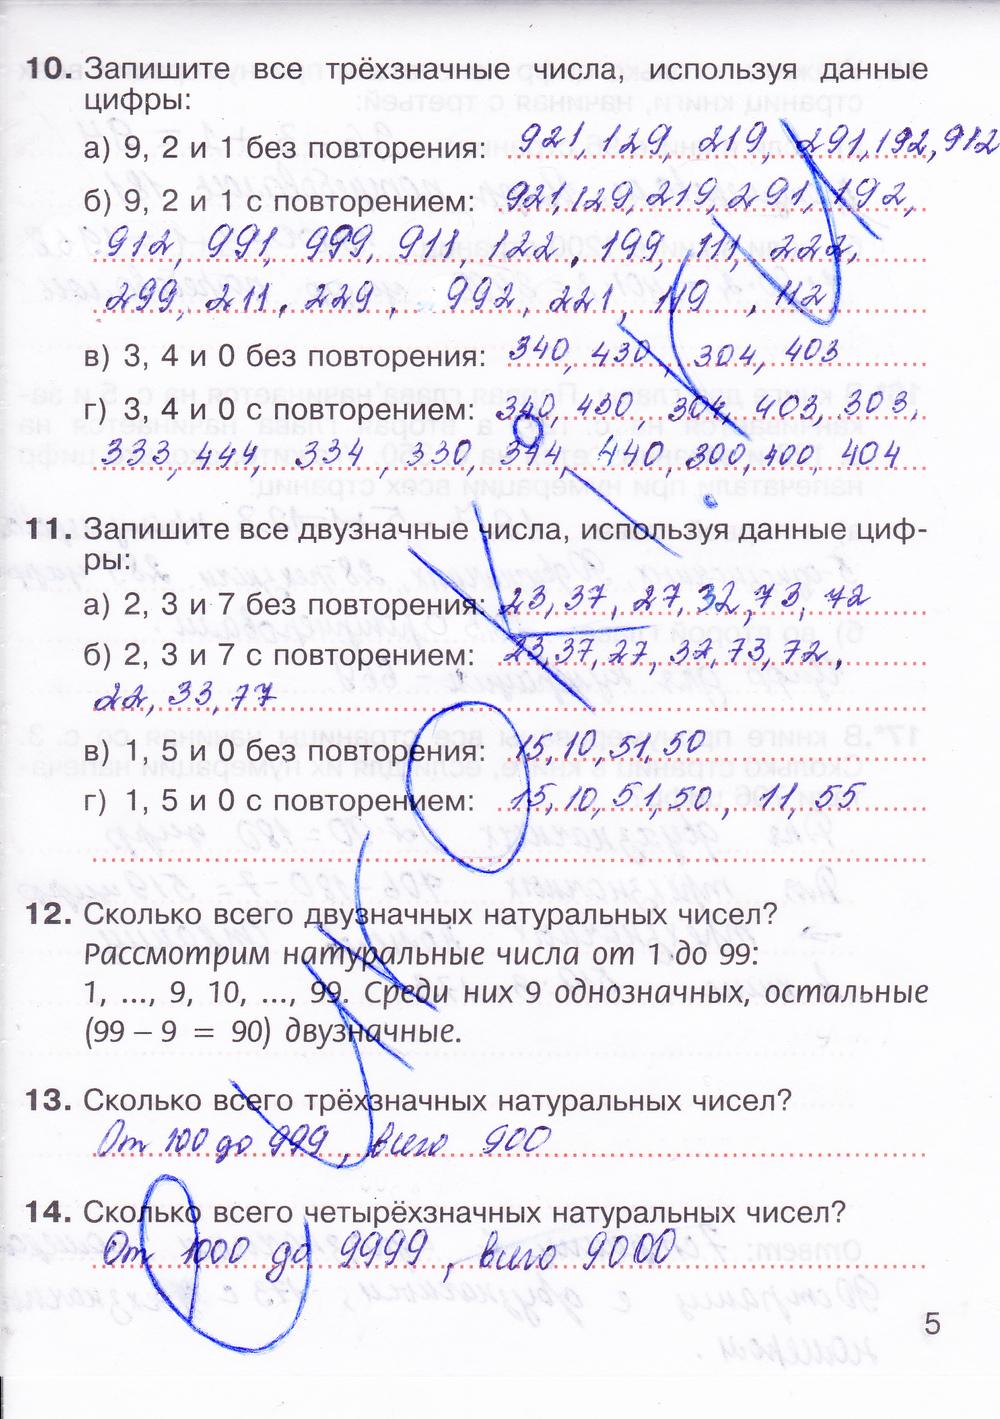 Домашняя работа по математике в дидактические материалы 5 класс.м.к потапов